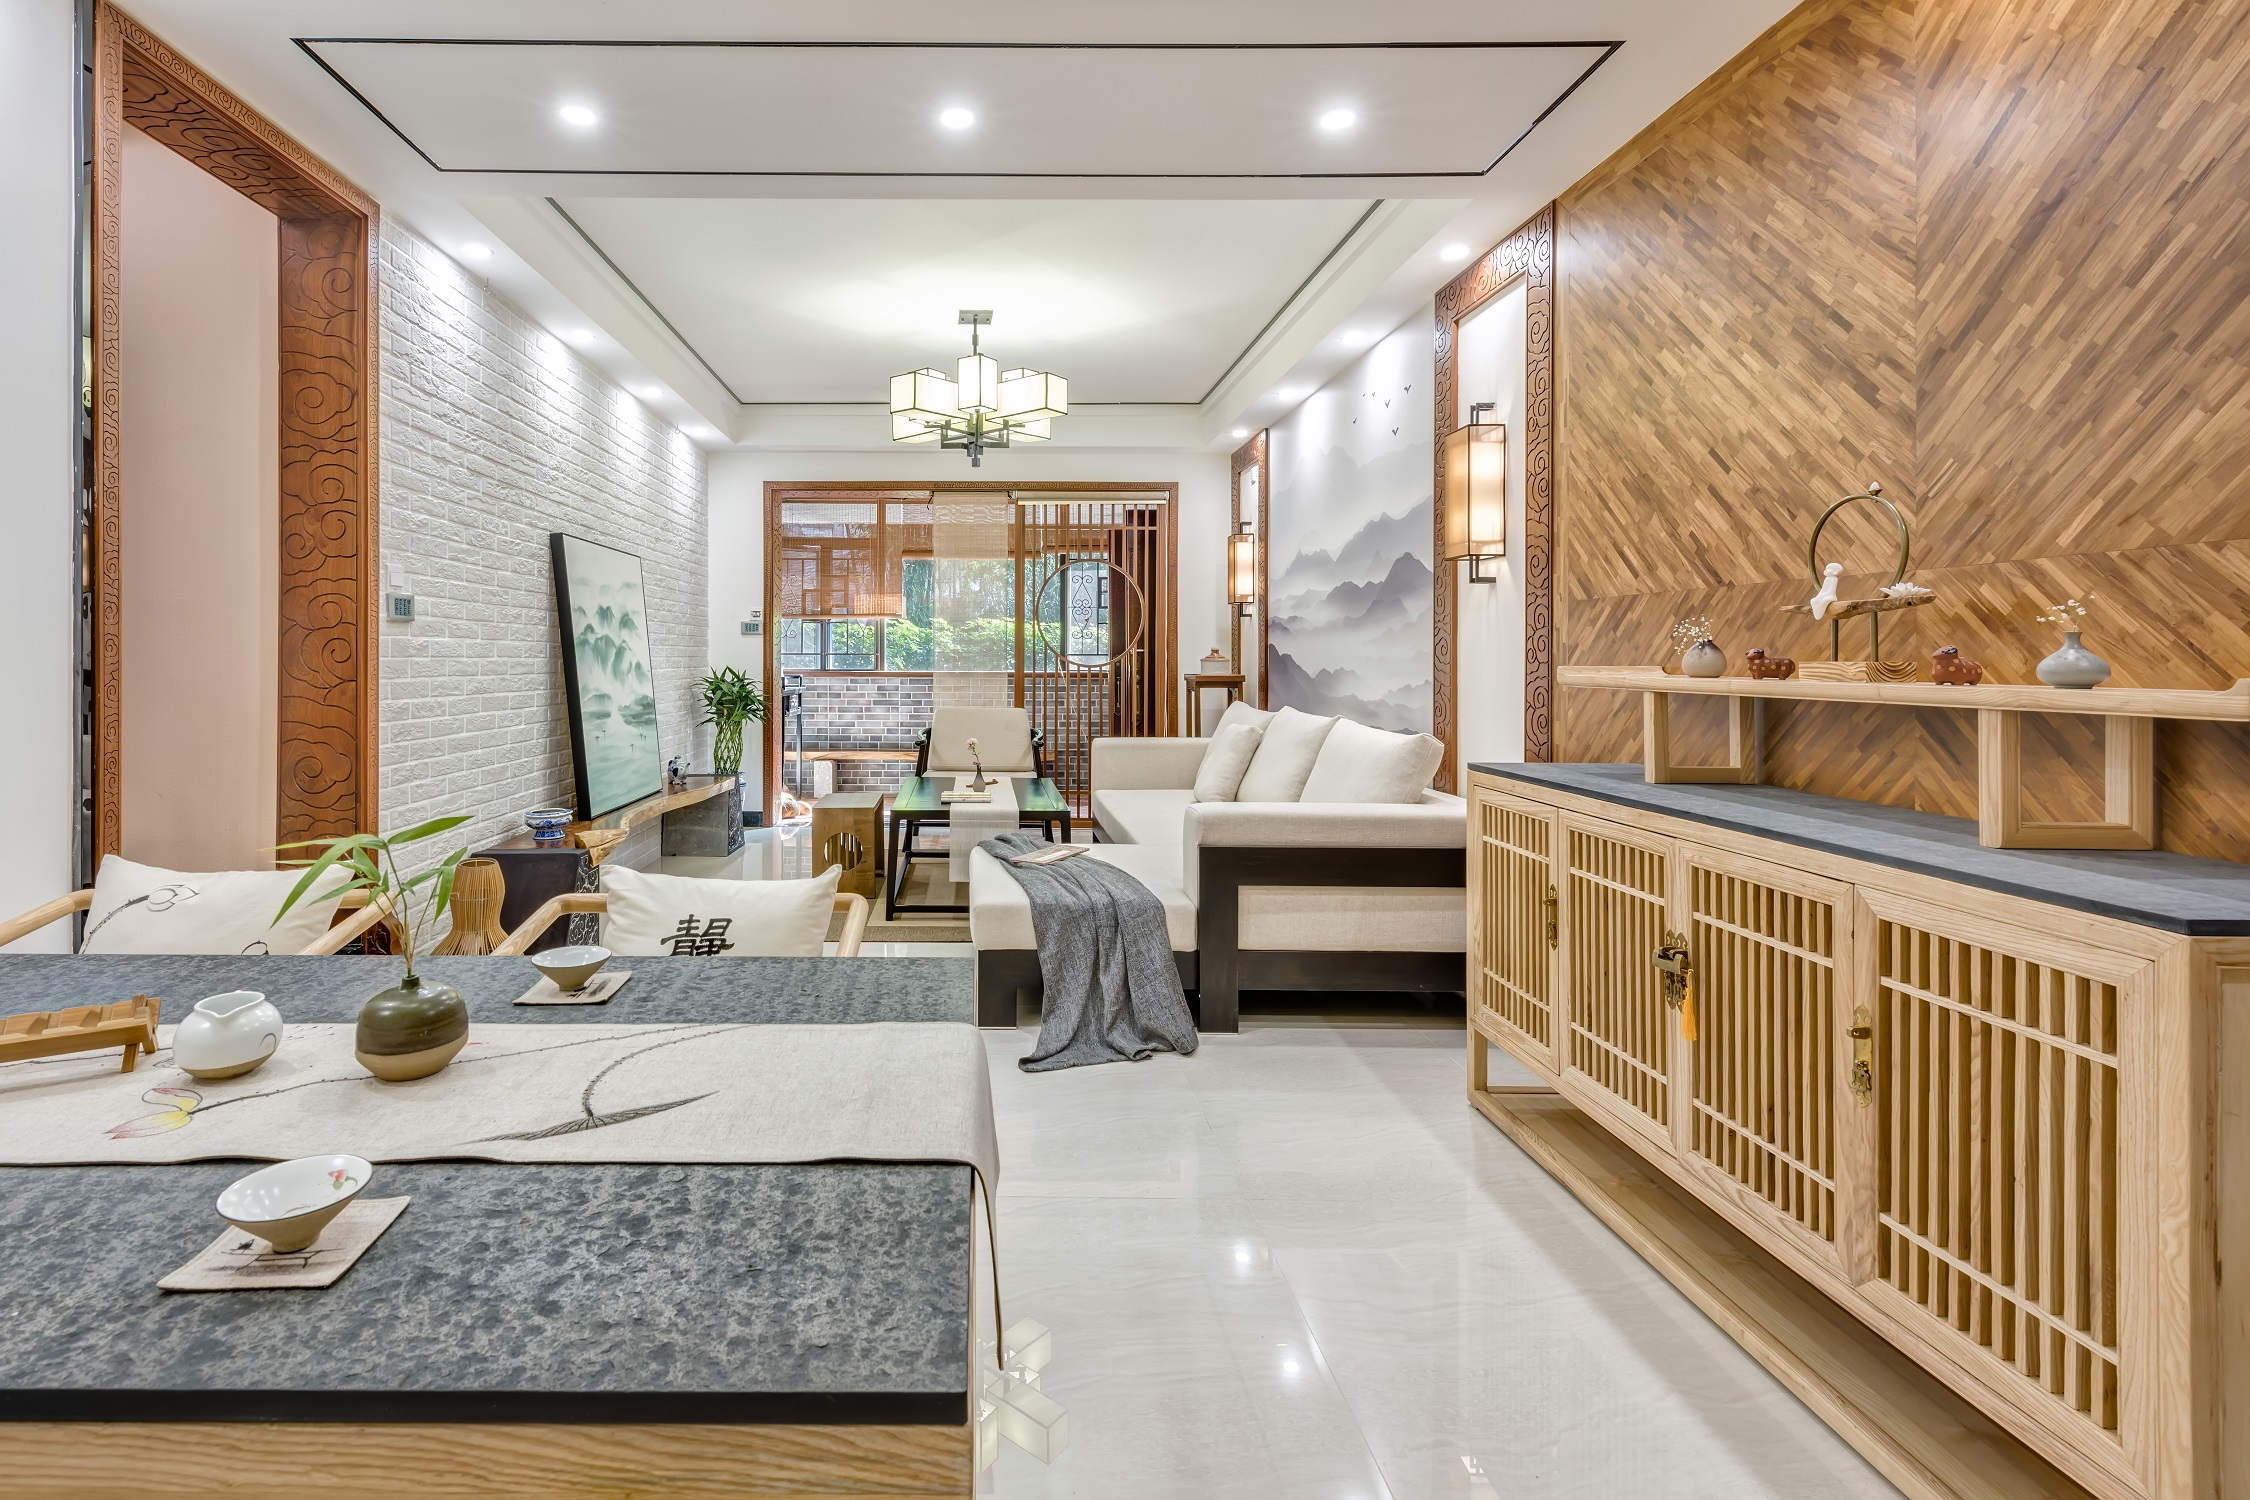 中式三居室设计餐厅背景墙